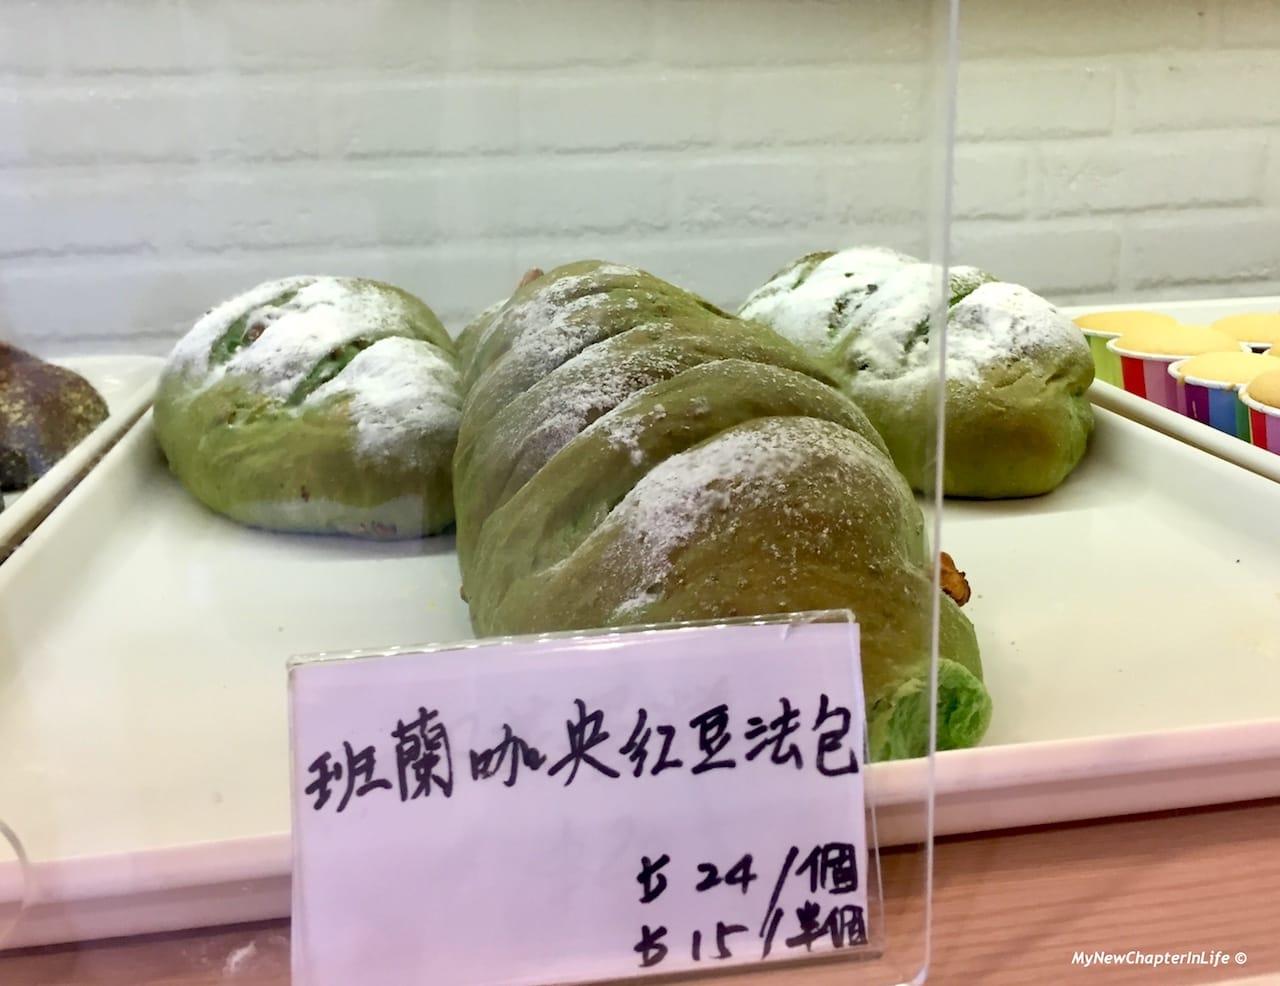 班蘭咖央紅豆法包 Banlan, Kaya and red-bean French bread